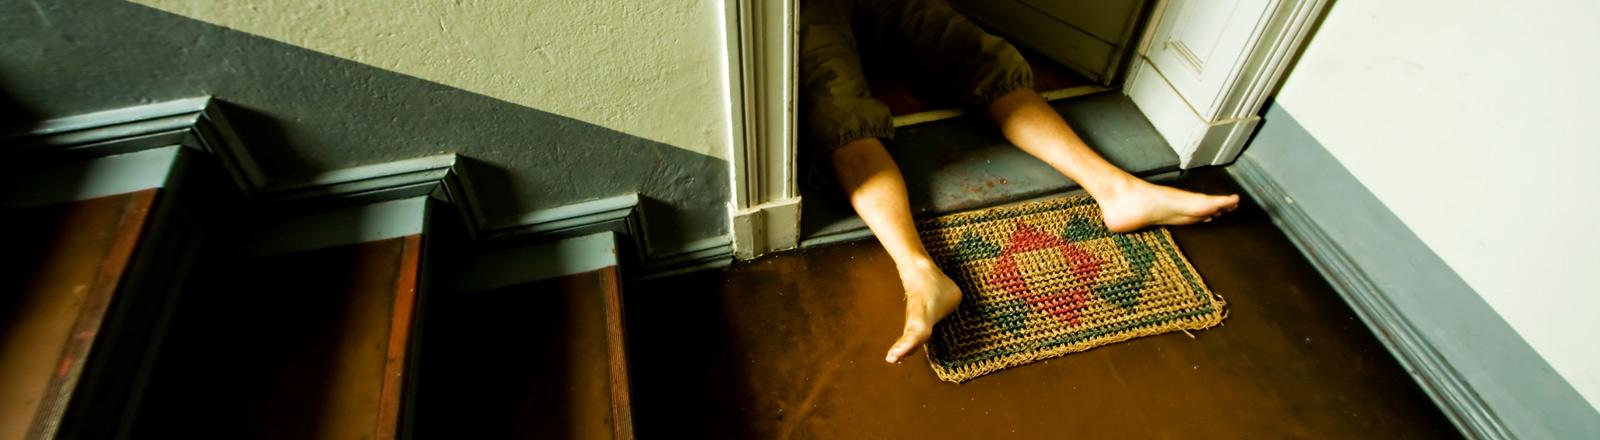 Füße, die aus einer Haustür herausragen.